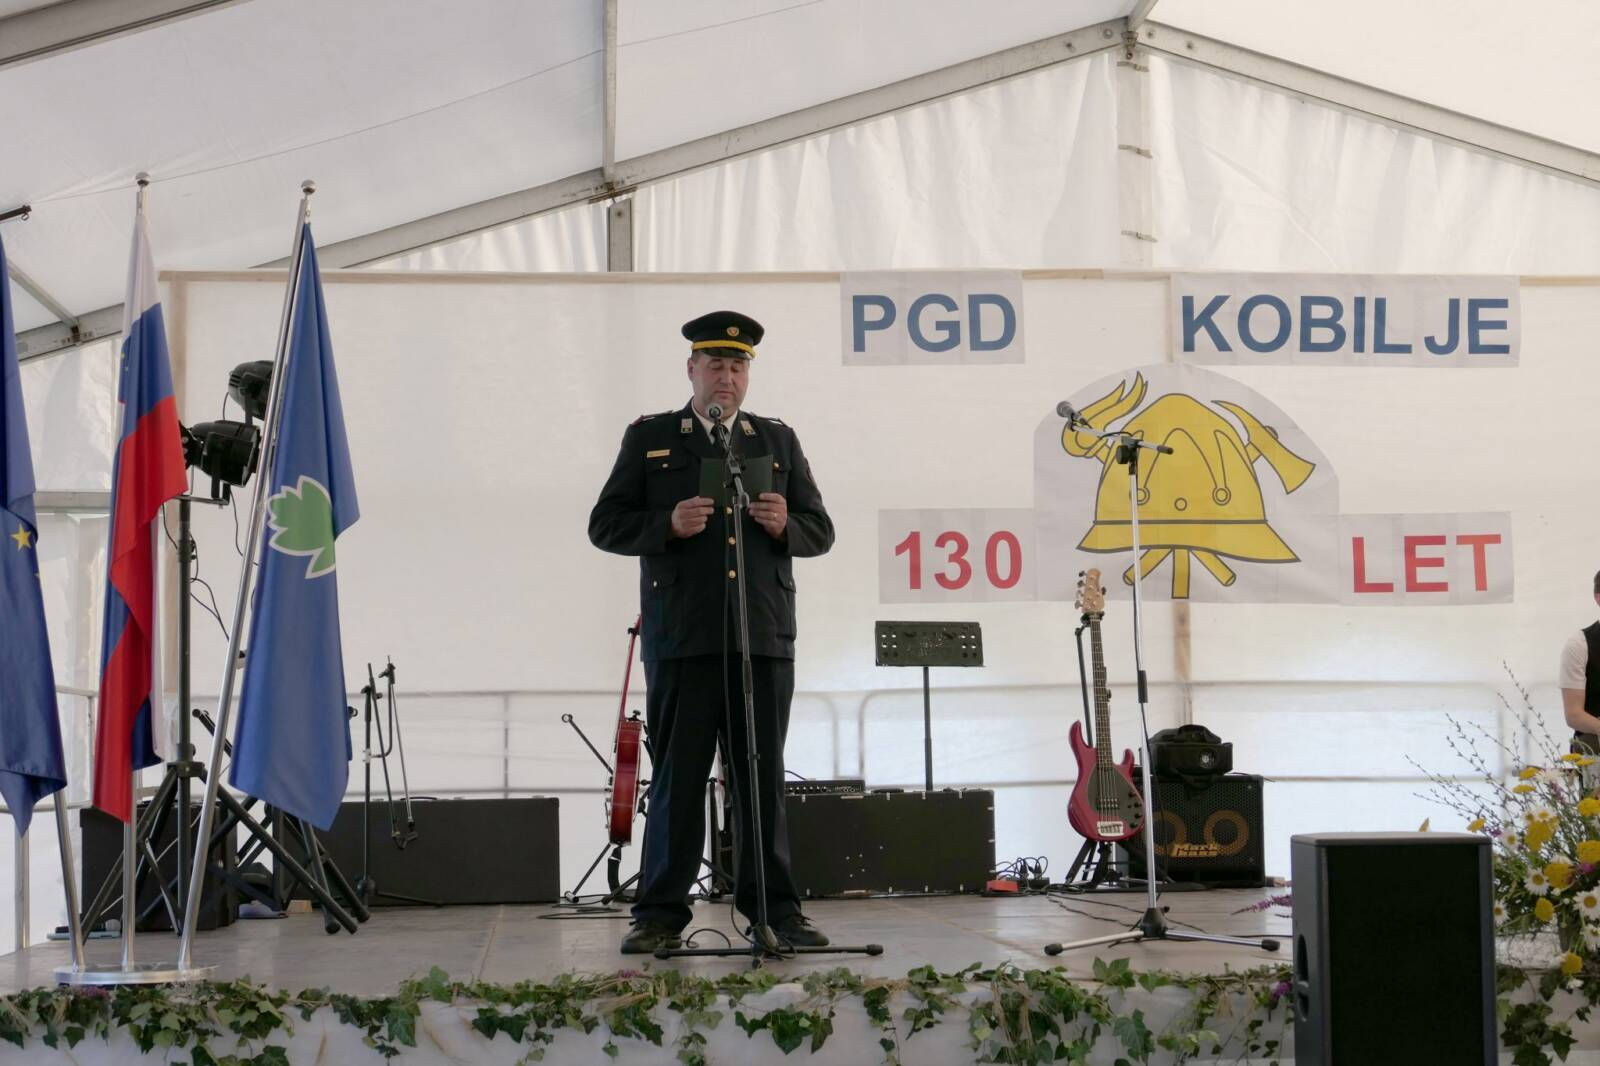 130 let PGD Kobilje